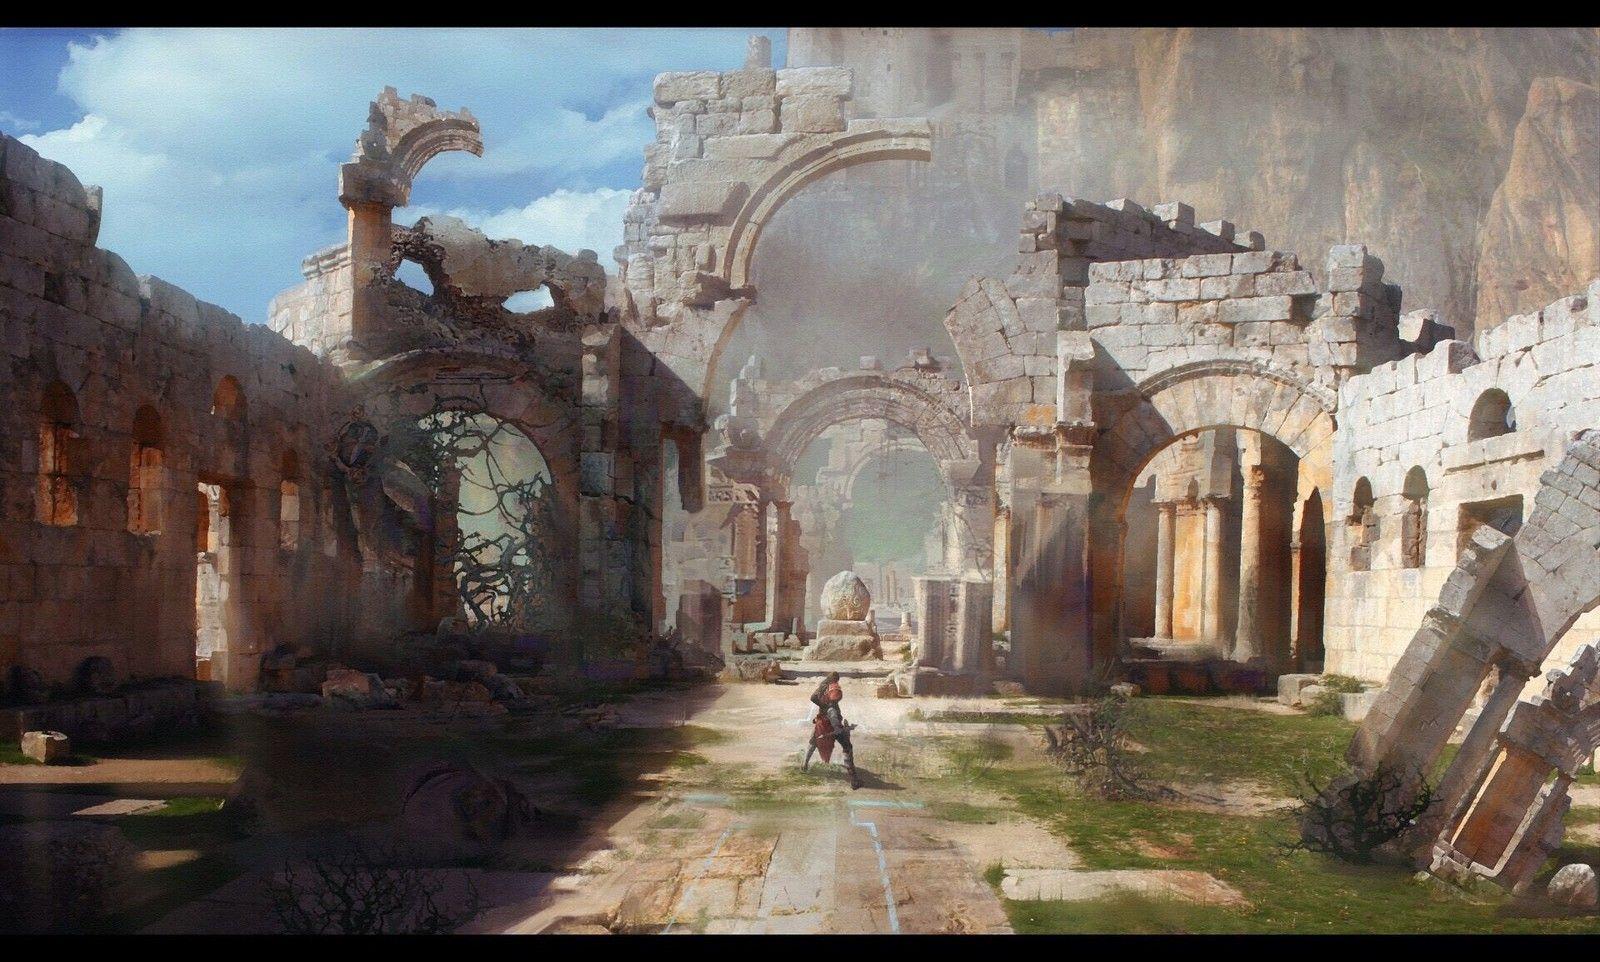 Castlevania, Li Ming on ArtStation at https://www.artstation.com/artwork/Lg3LA